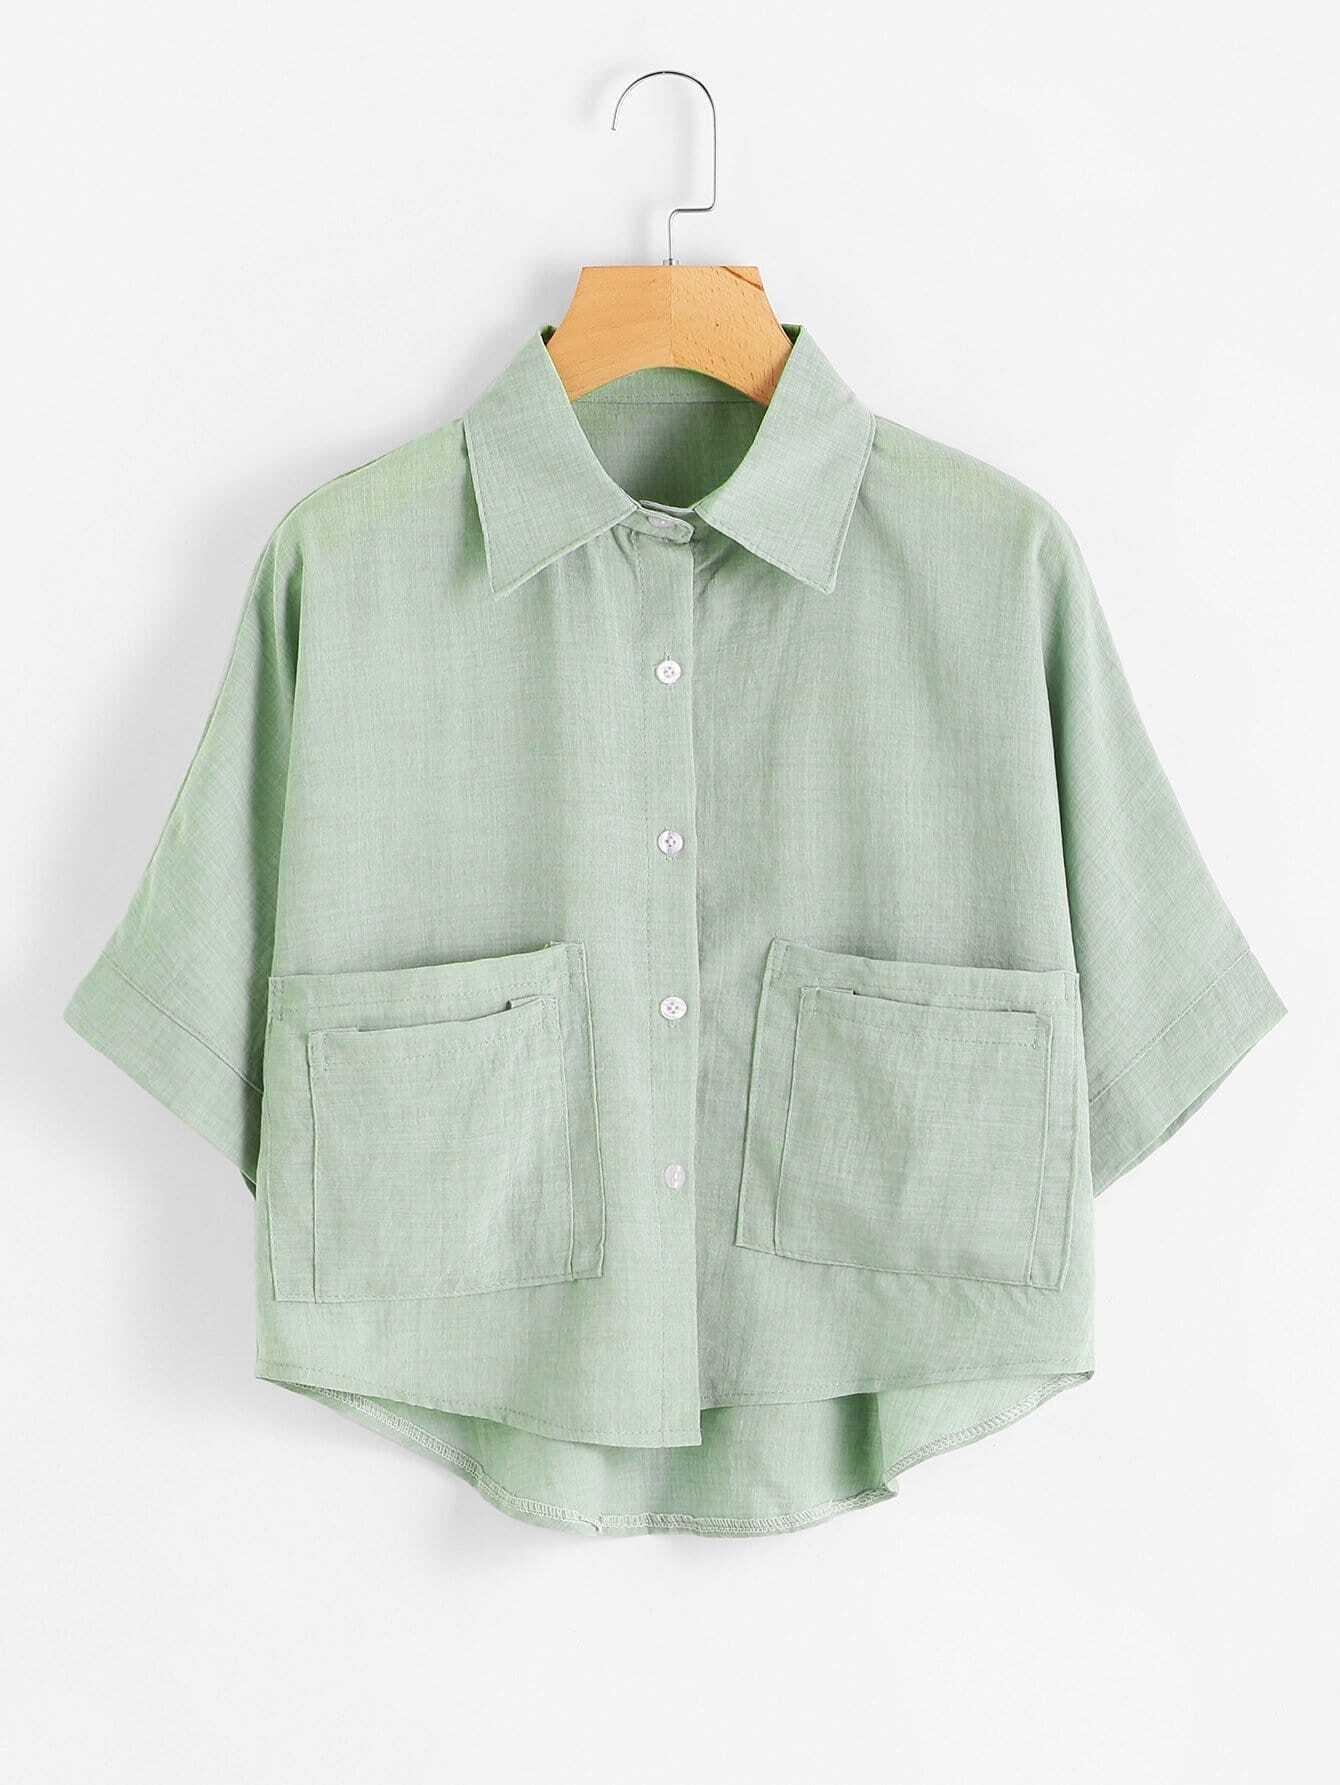 Bluse mit abfallendem Saum und duale Taschen vorn